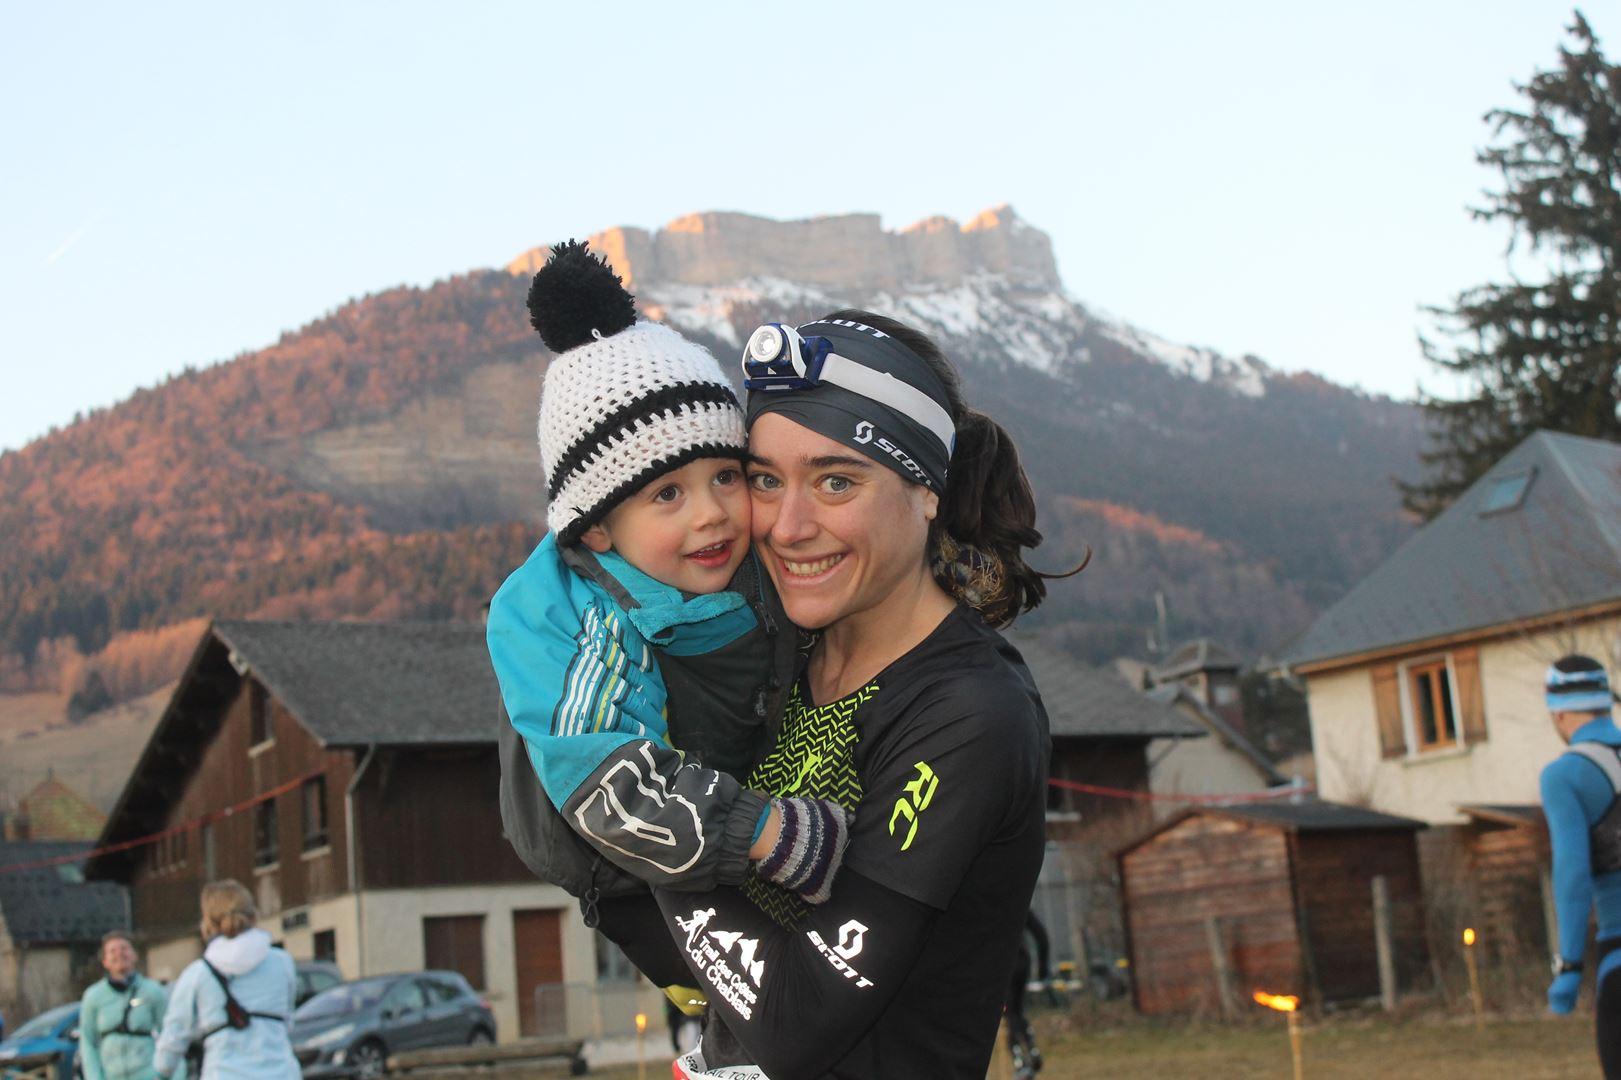 Célia Chiron 1ère femme du 16km - RESULTATS ET COMMENTAIRES DU TRAIL DU SAPPEY EN CHARTREUSE (38) -18-02-2017